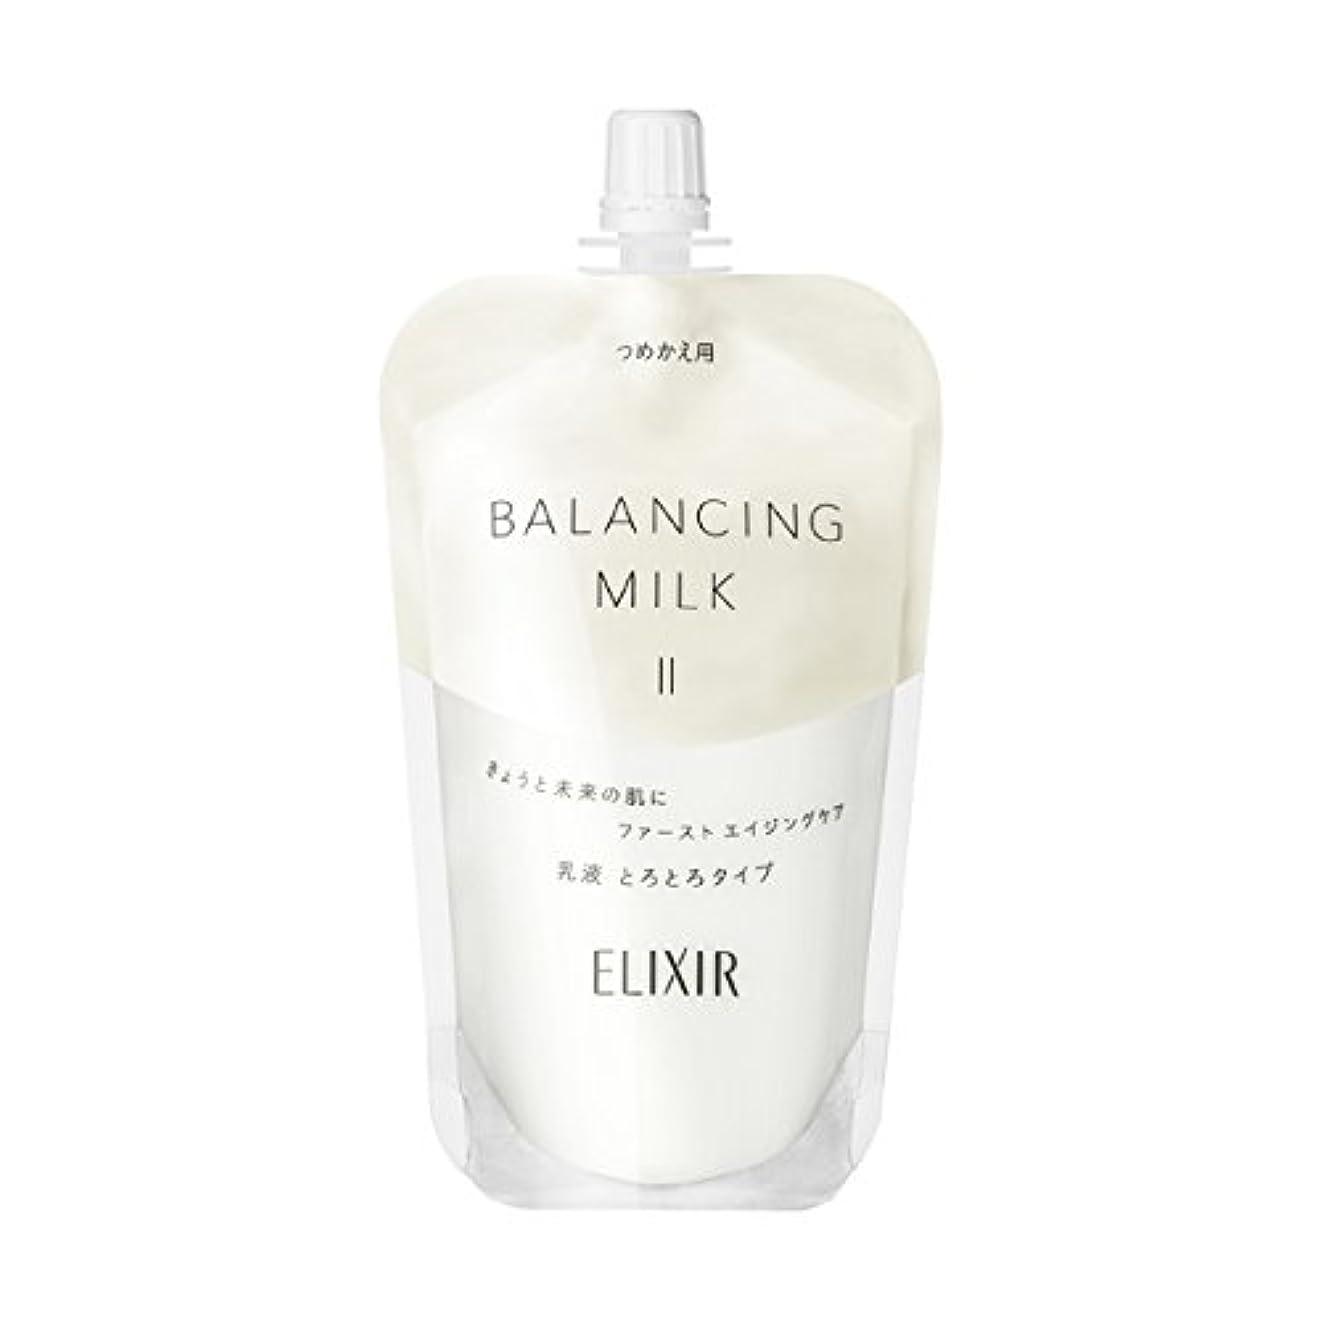 パラダイスストレージ大声でエリクシール ルフレ バランシング ミルク 乳液 2 (とろとろタイプ) (つめかえ用) 110mL